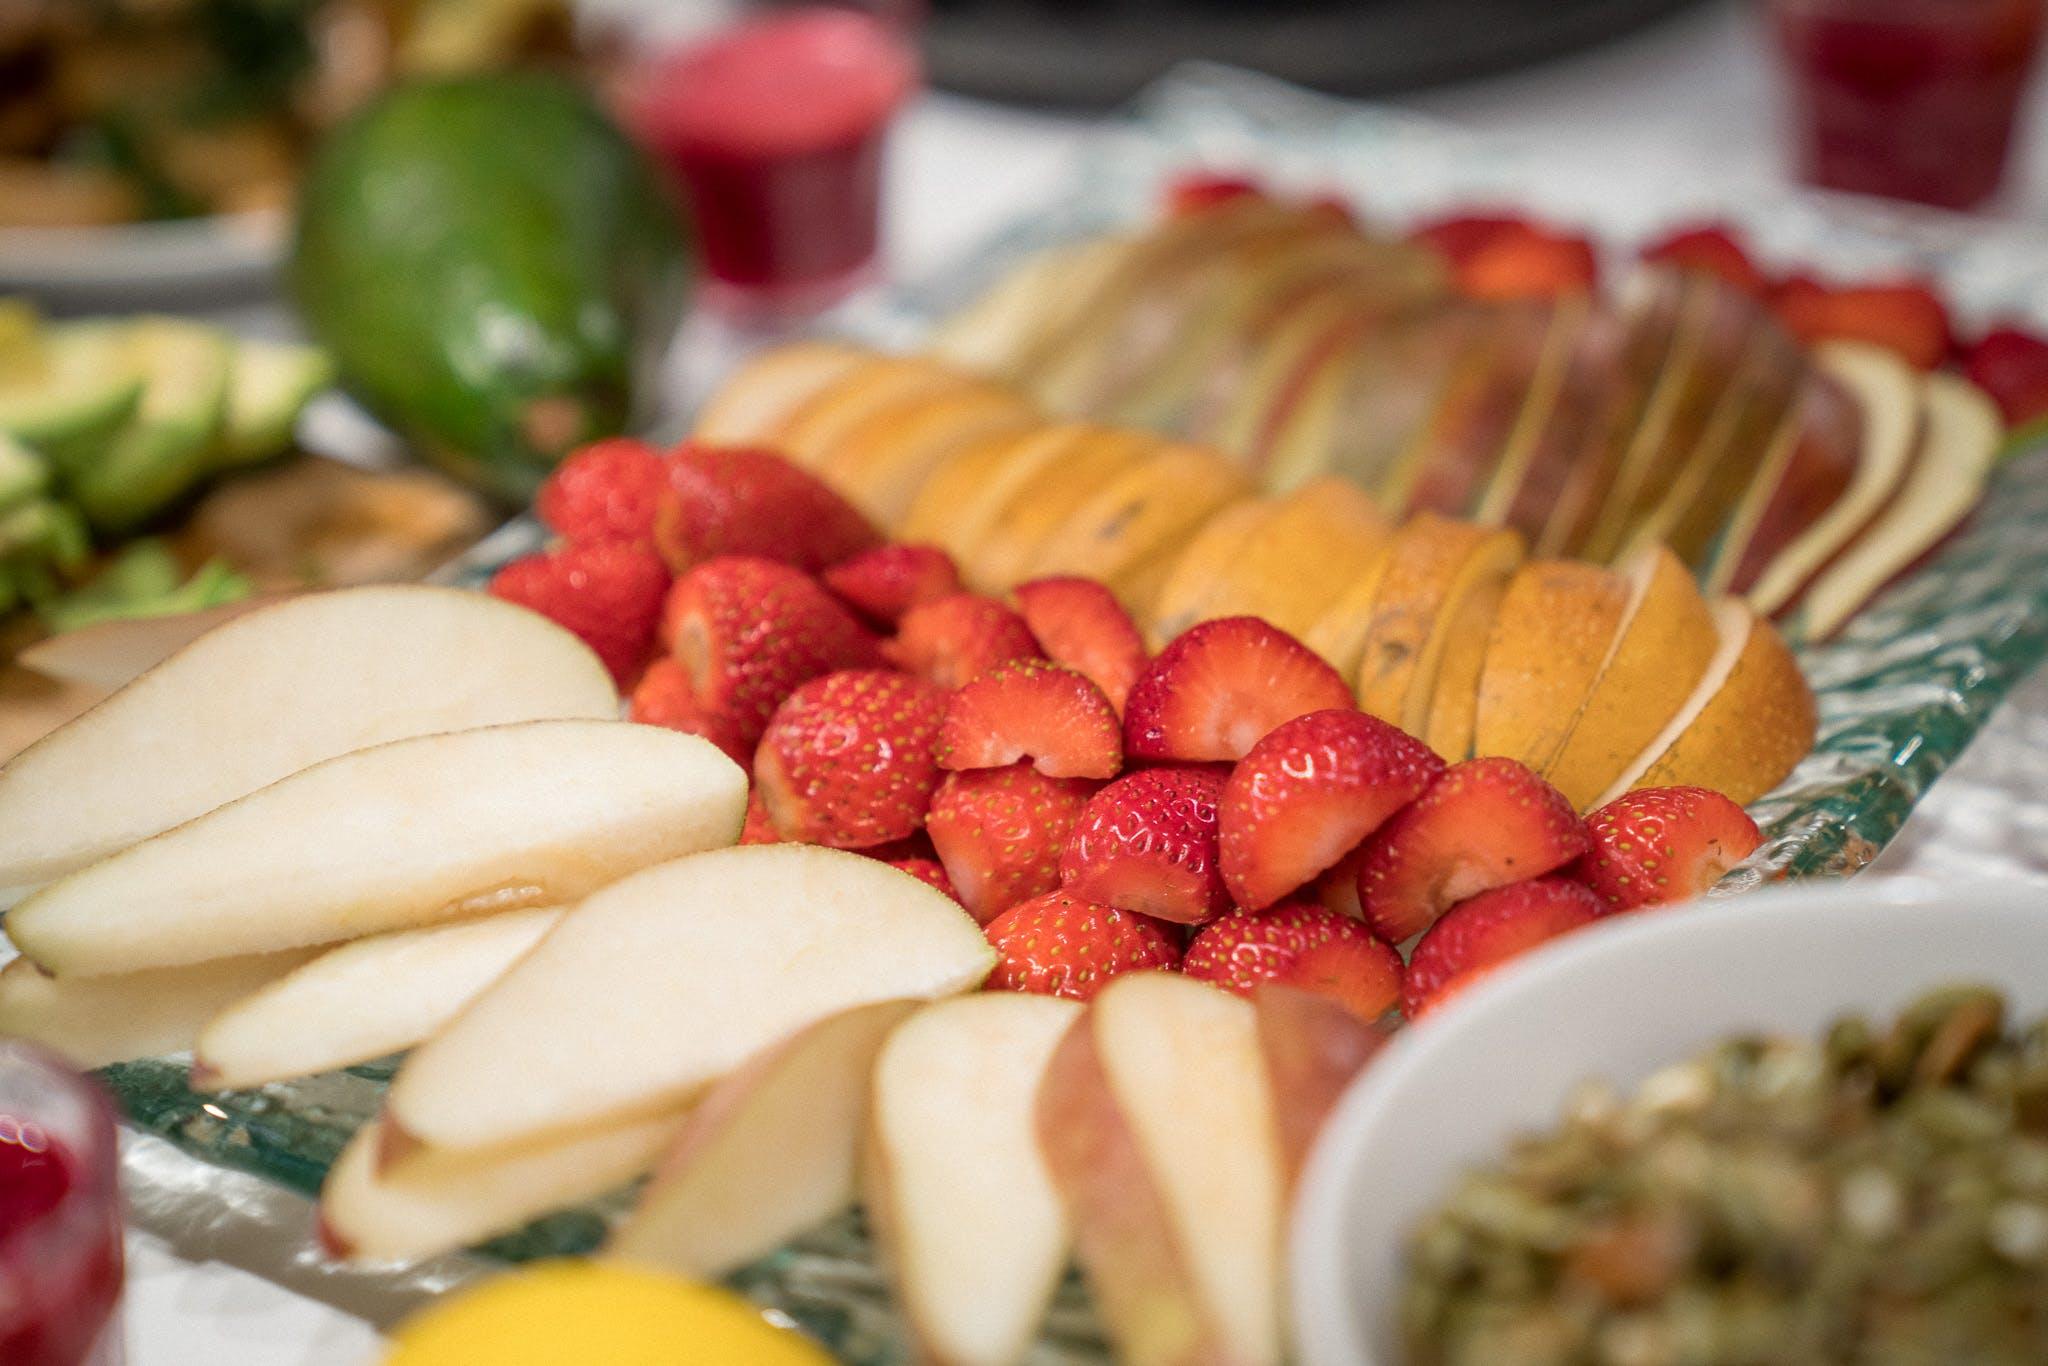 건강한, 과일, 다이어트, 딸기의 무료 스톡 사진